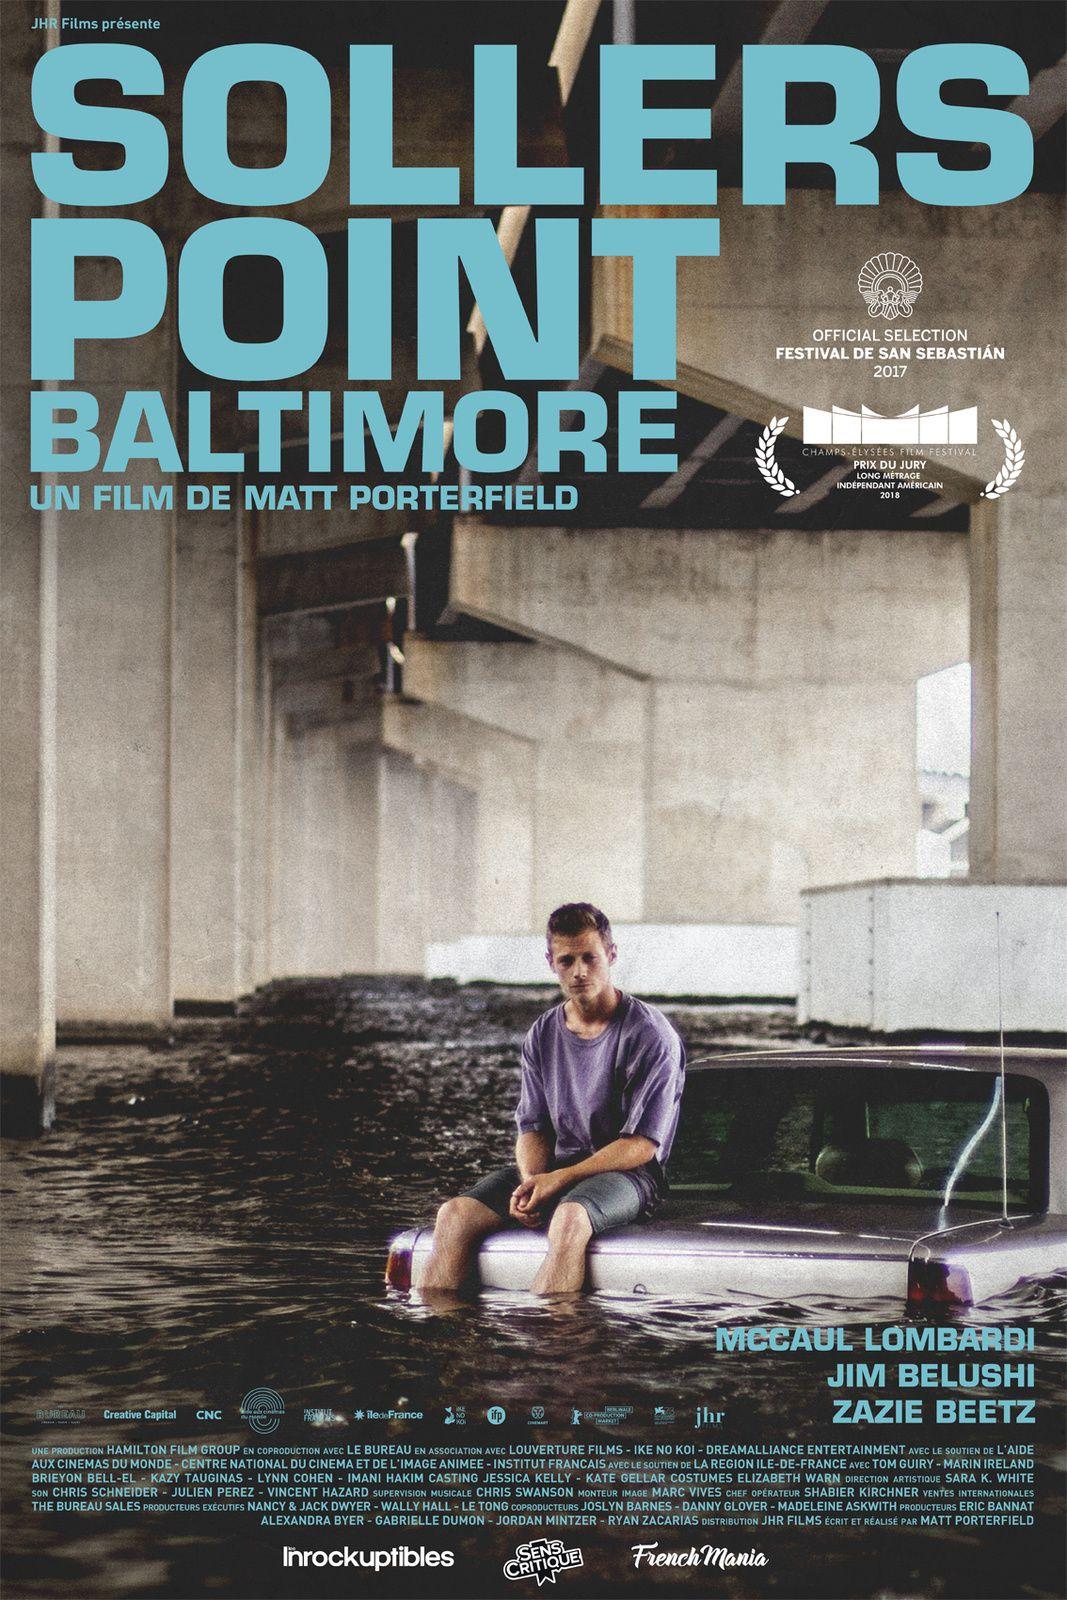 Sollers Point - Baltimore (BANDE-ANNONCE) de Matthew Porterfield - Le 29 août 2018 au cinéma